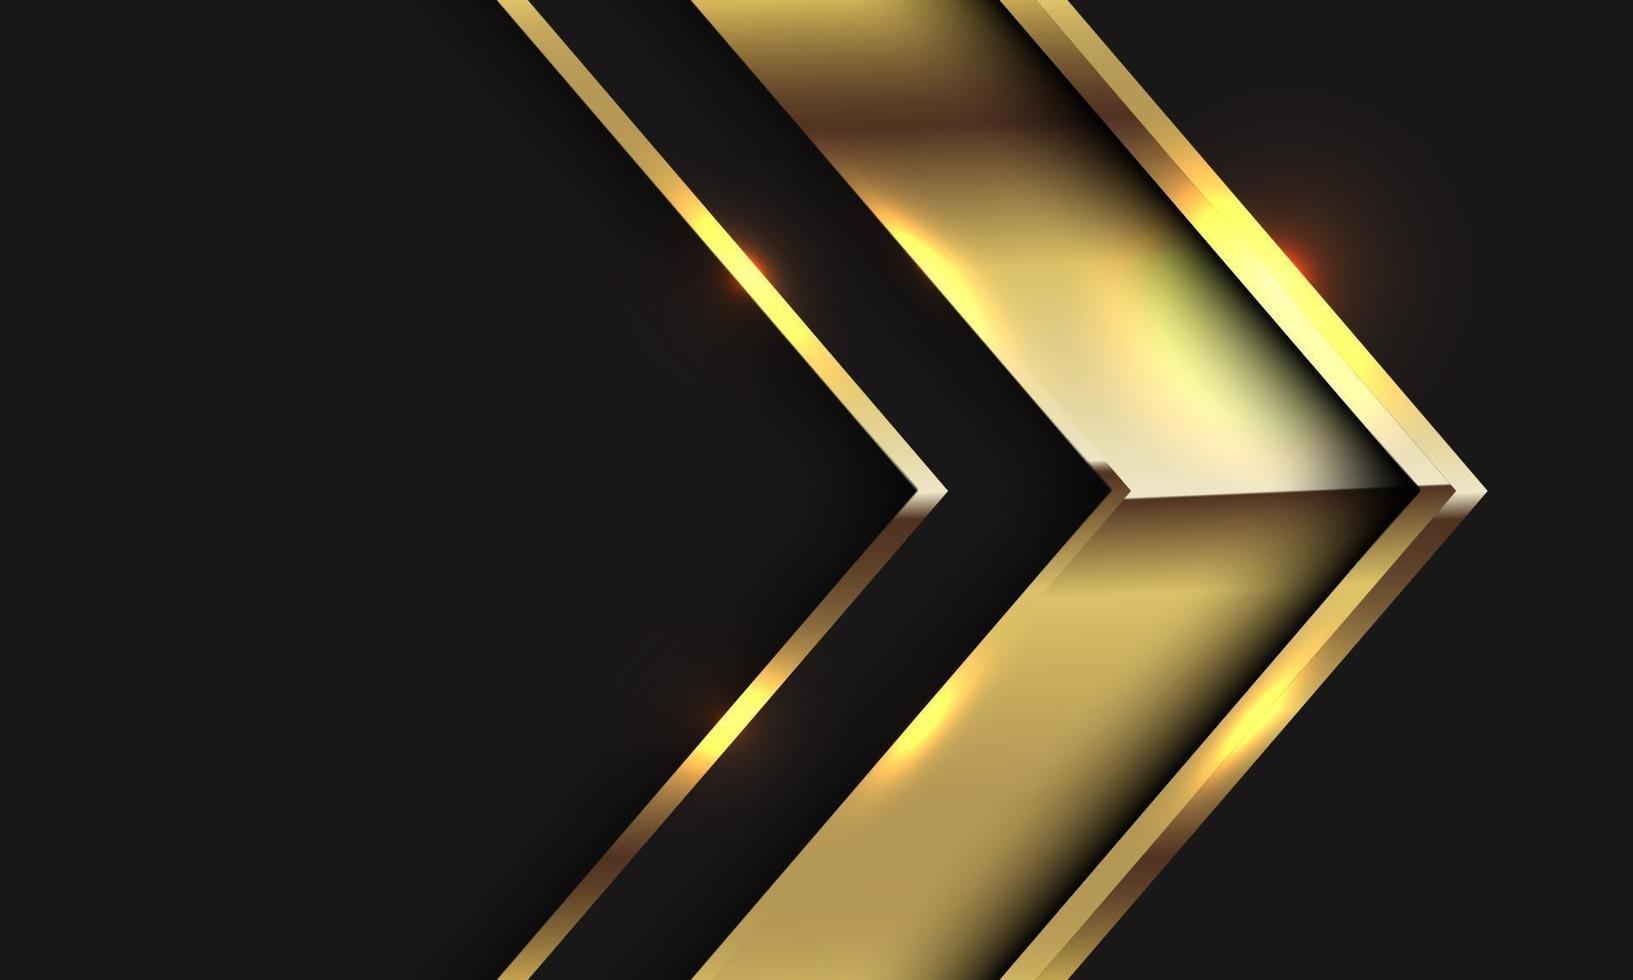 abstracte gouden glanzende pijlrichting op zwart met lege ruimte ontwerp moderne luxe futuristische vectorillustratie als achtergrond. vector